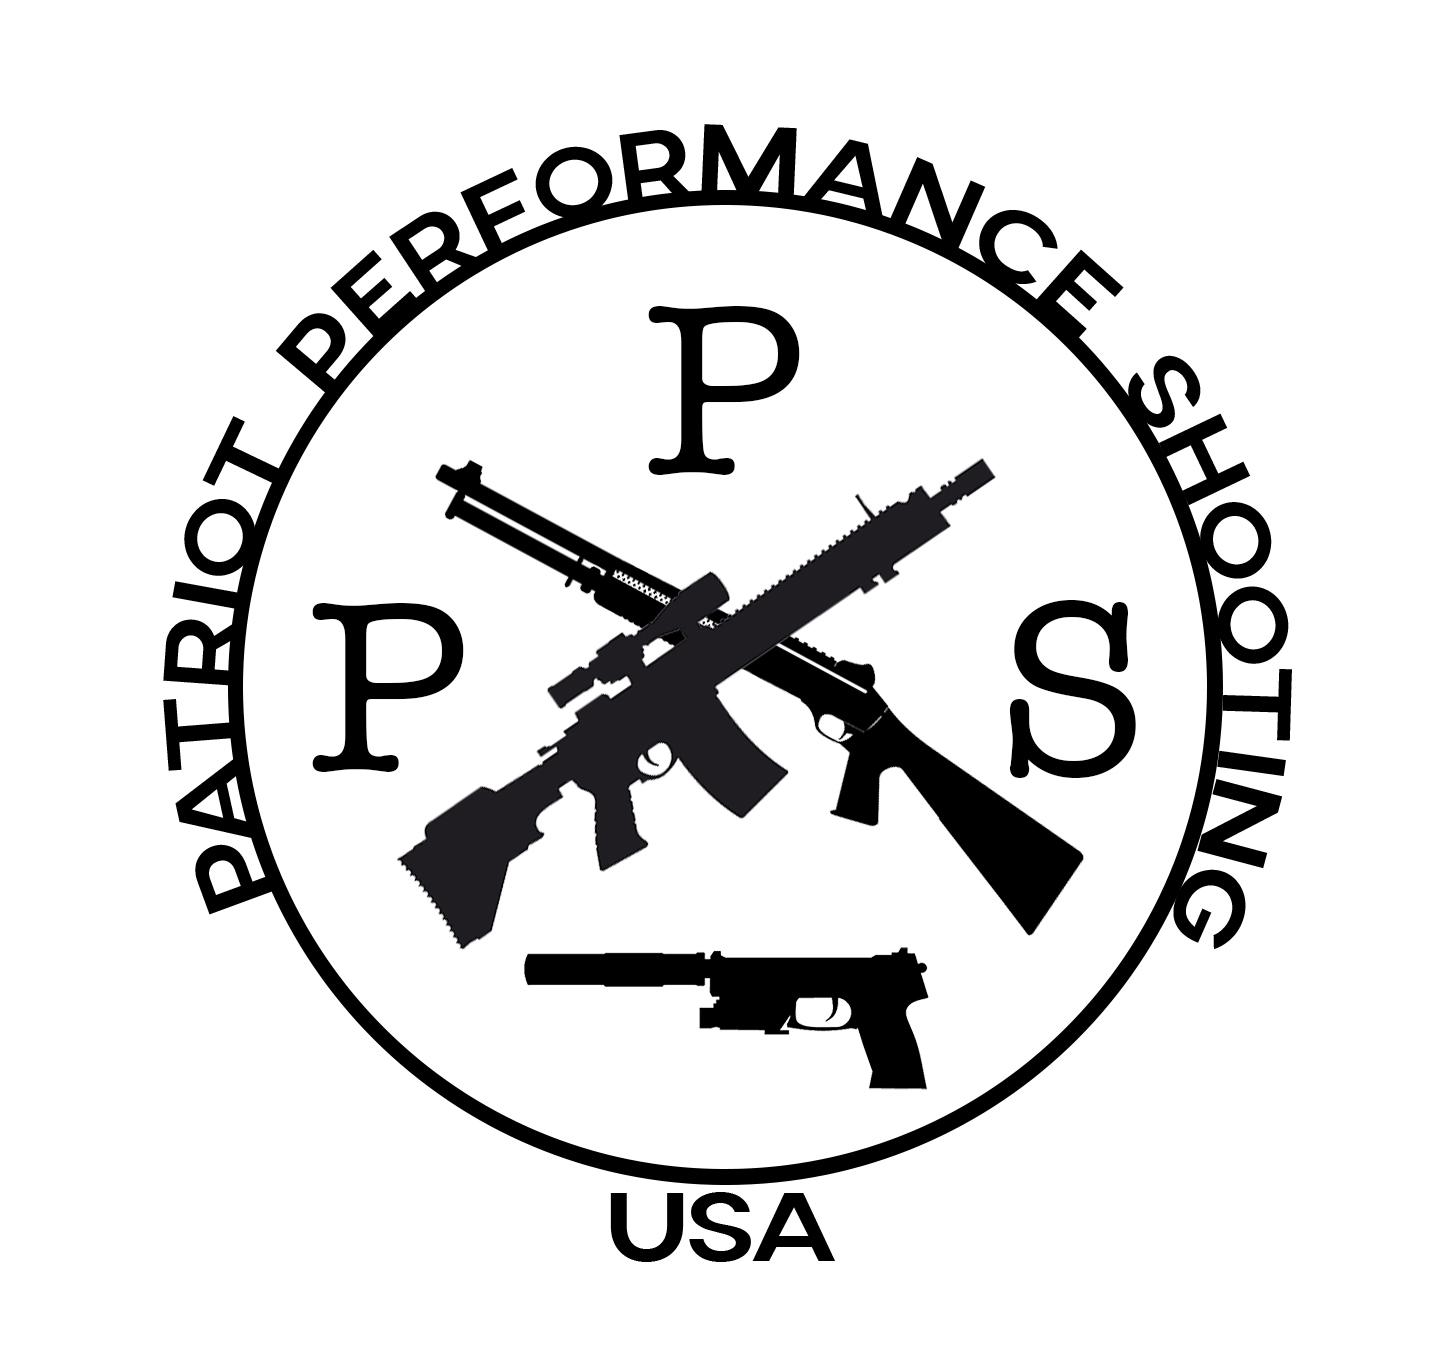 Patriot Performance Shooting LLC